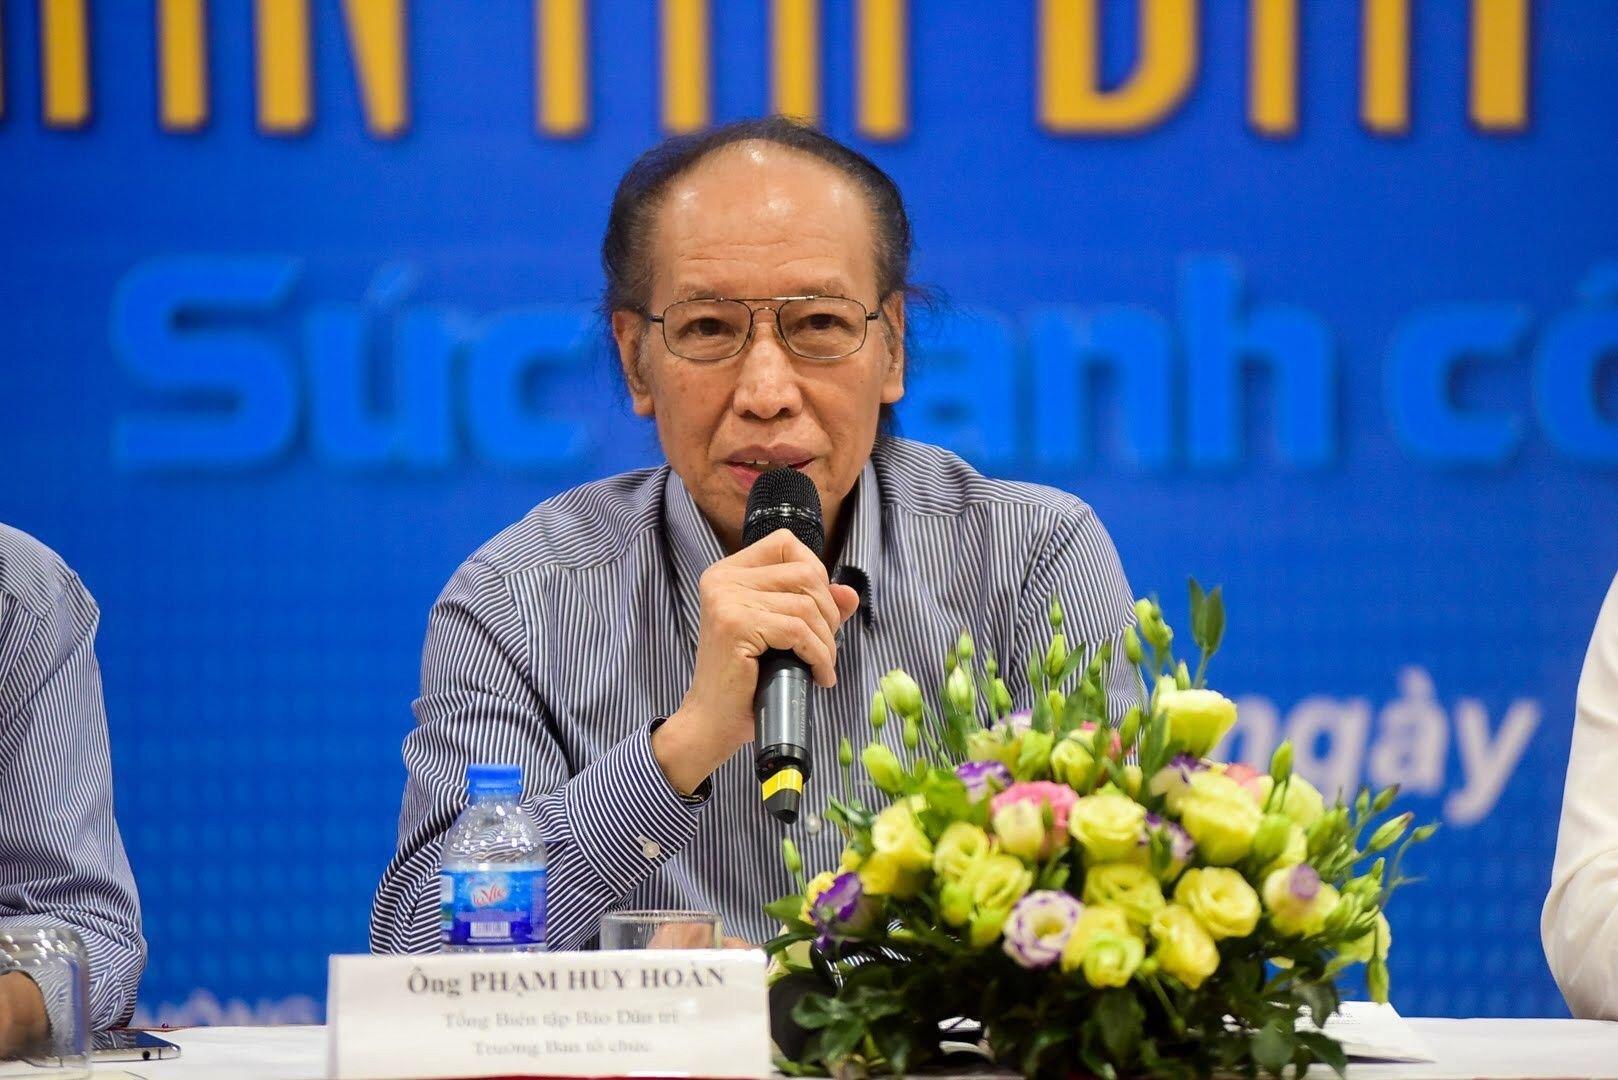 Nhà báo Phạm Huy Hoàn trả lời câu hỏi của phóng viên về lĩnh vực Giáo dục trong giải thưởng NTĐV.